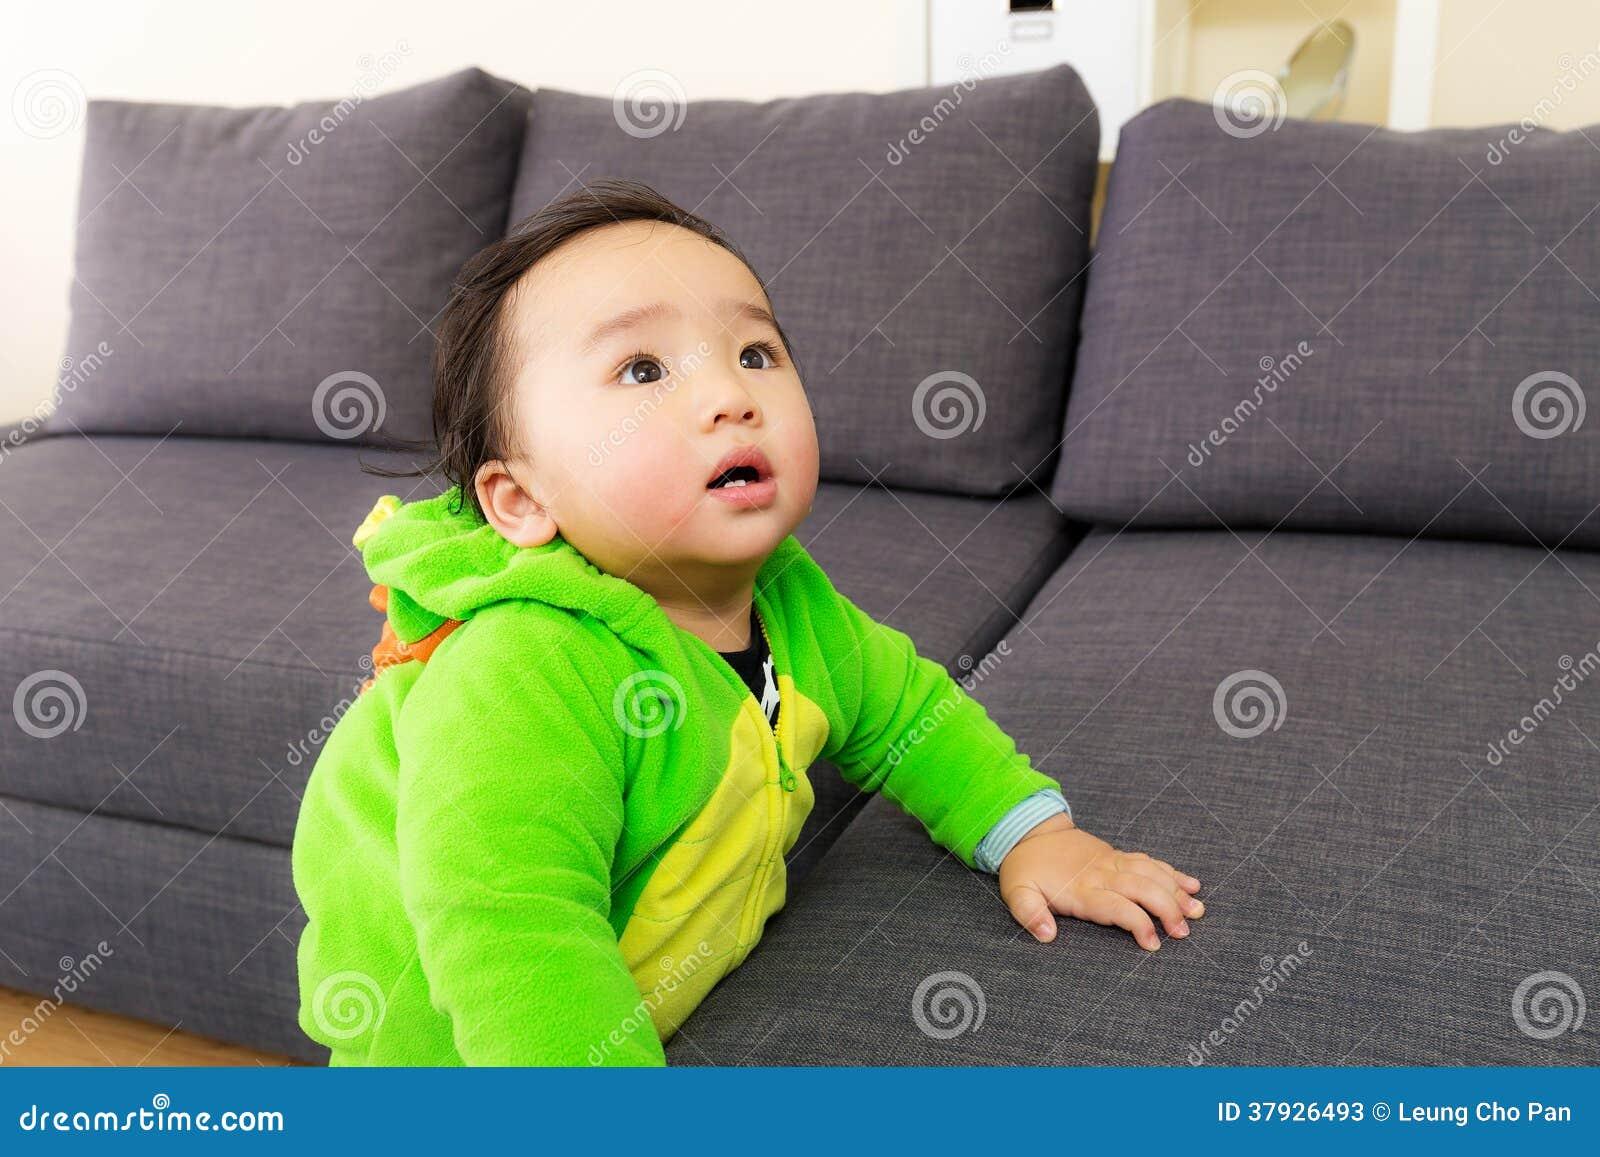 Asien-Baby mit Dinosaurierhalloween-Parteikostüm